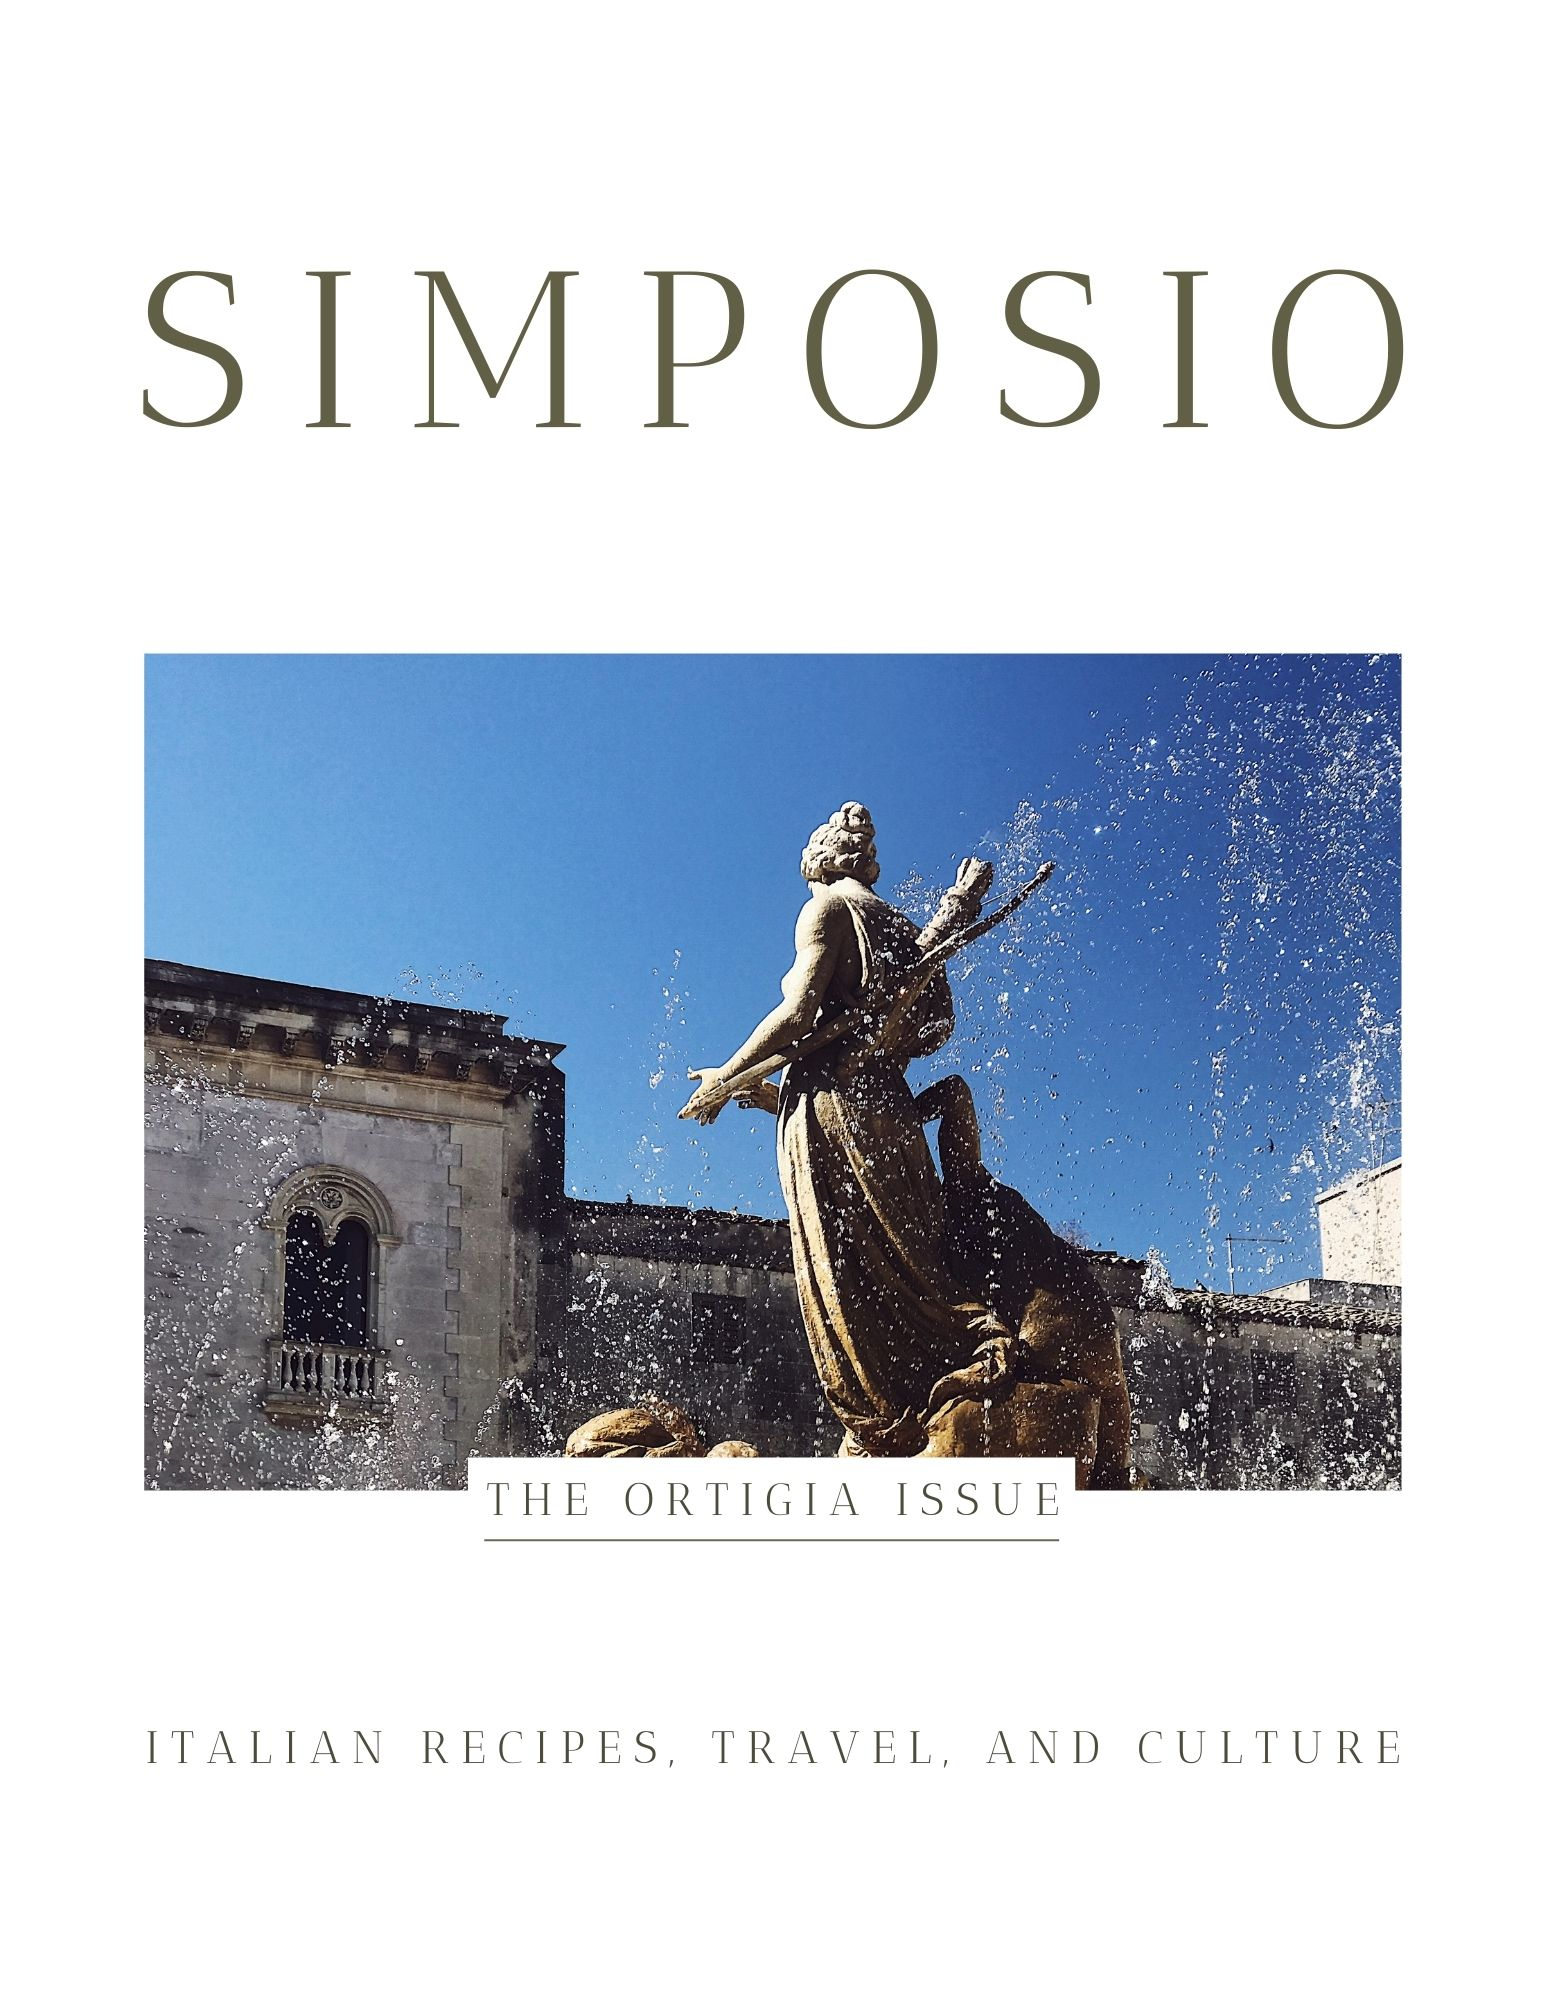 Taranto, Italy: the Simposio issue